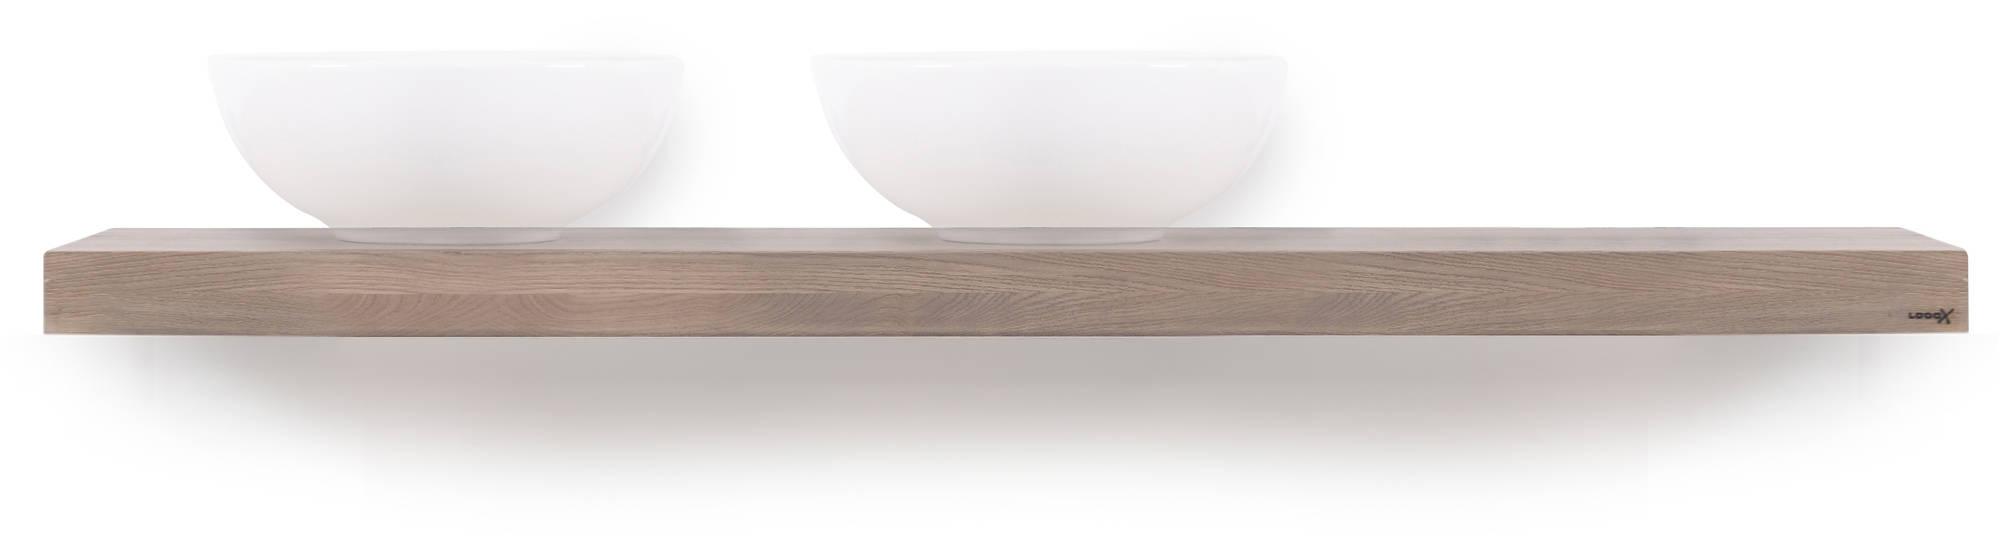 Looox Wooden Base Shelf Solo Eiken 160 cm Old Grey/Mat Zwart